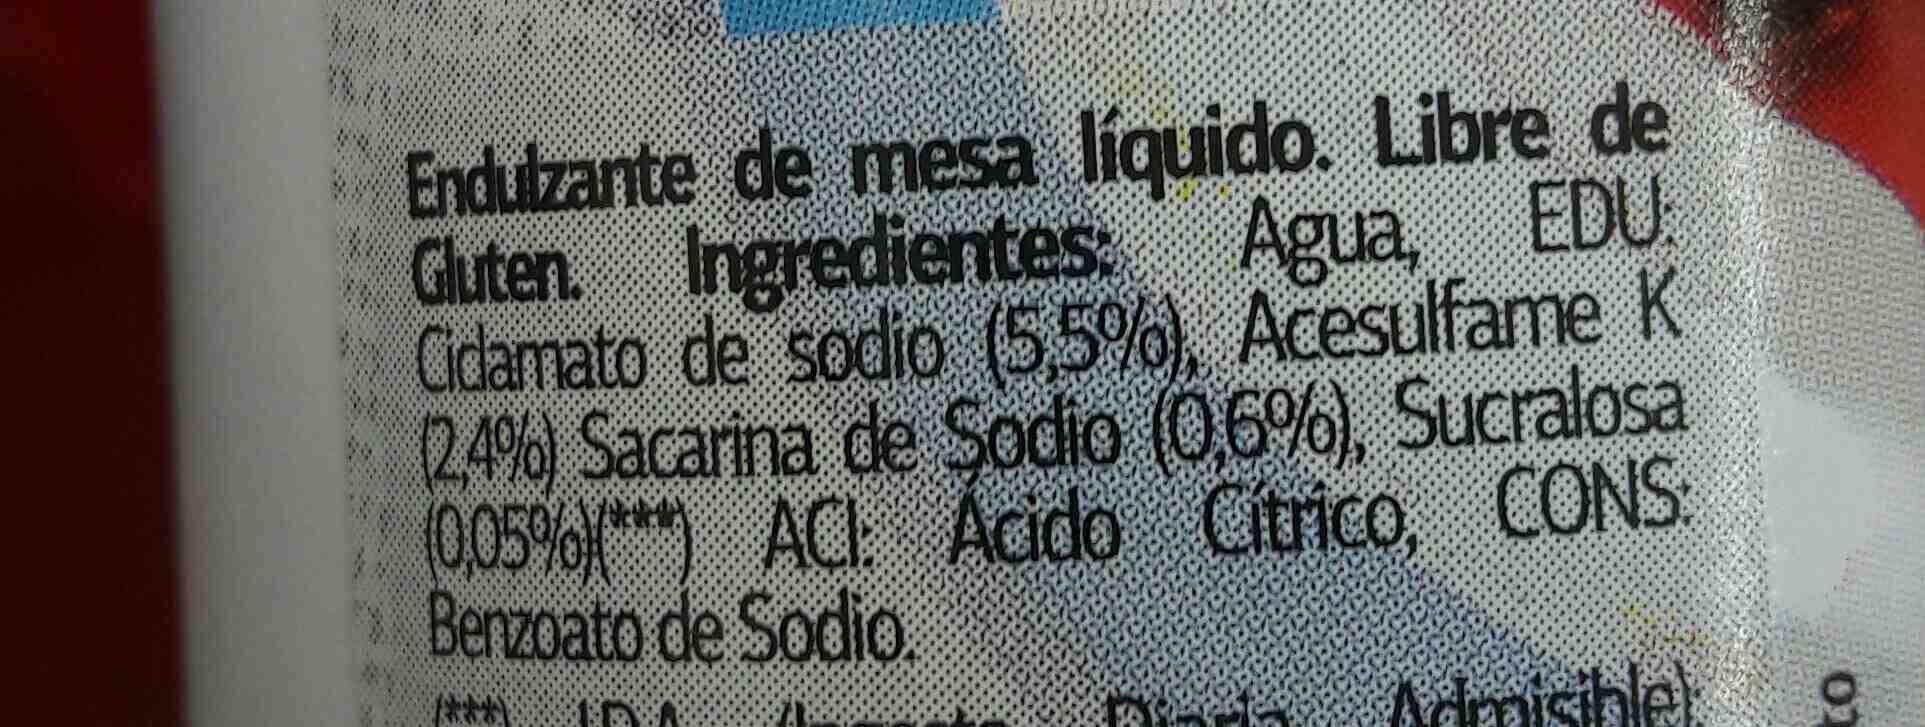 edulcorante dietetico dia % - Ingredientes - es